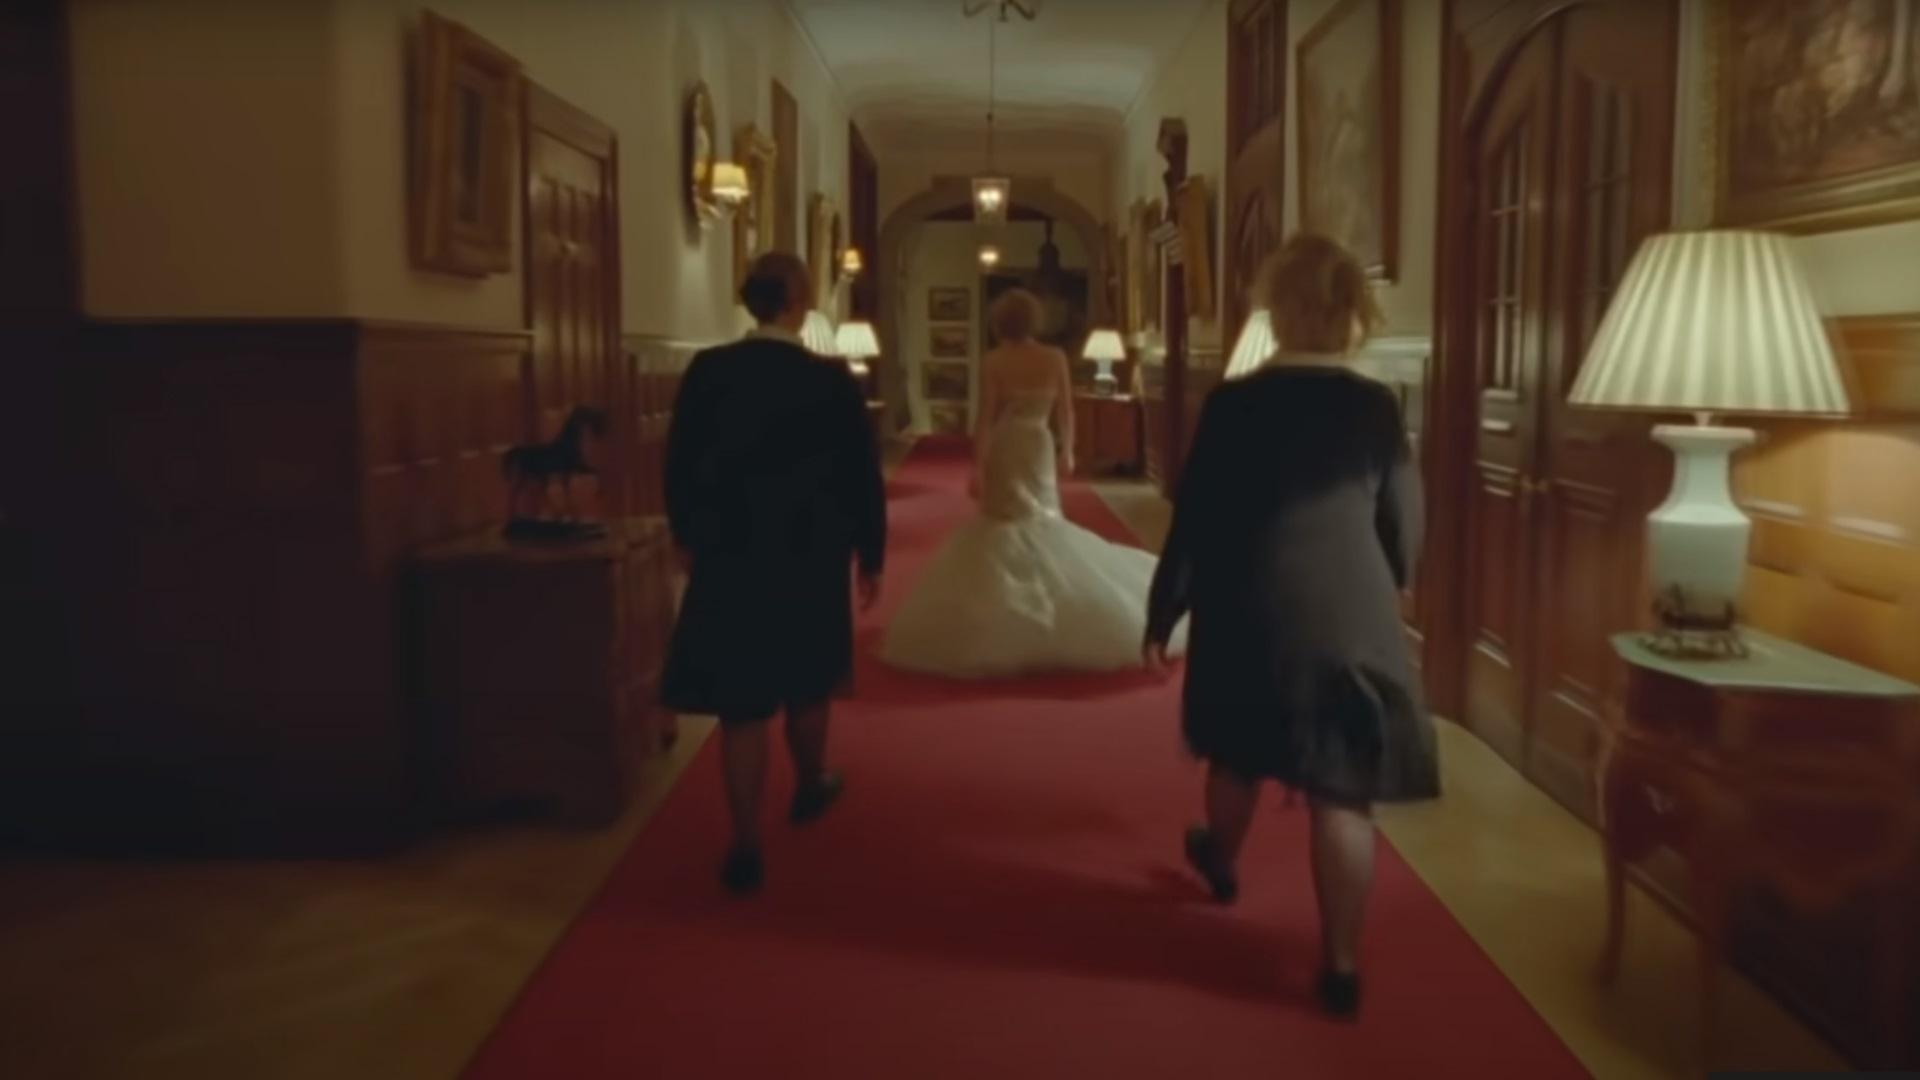 Πριγκίπισσα Νταϊάνα – Κρίστεν Στιούαρτ: Η ιστορία πίσω από το εμβληματικό φόρεμα της ταινίας